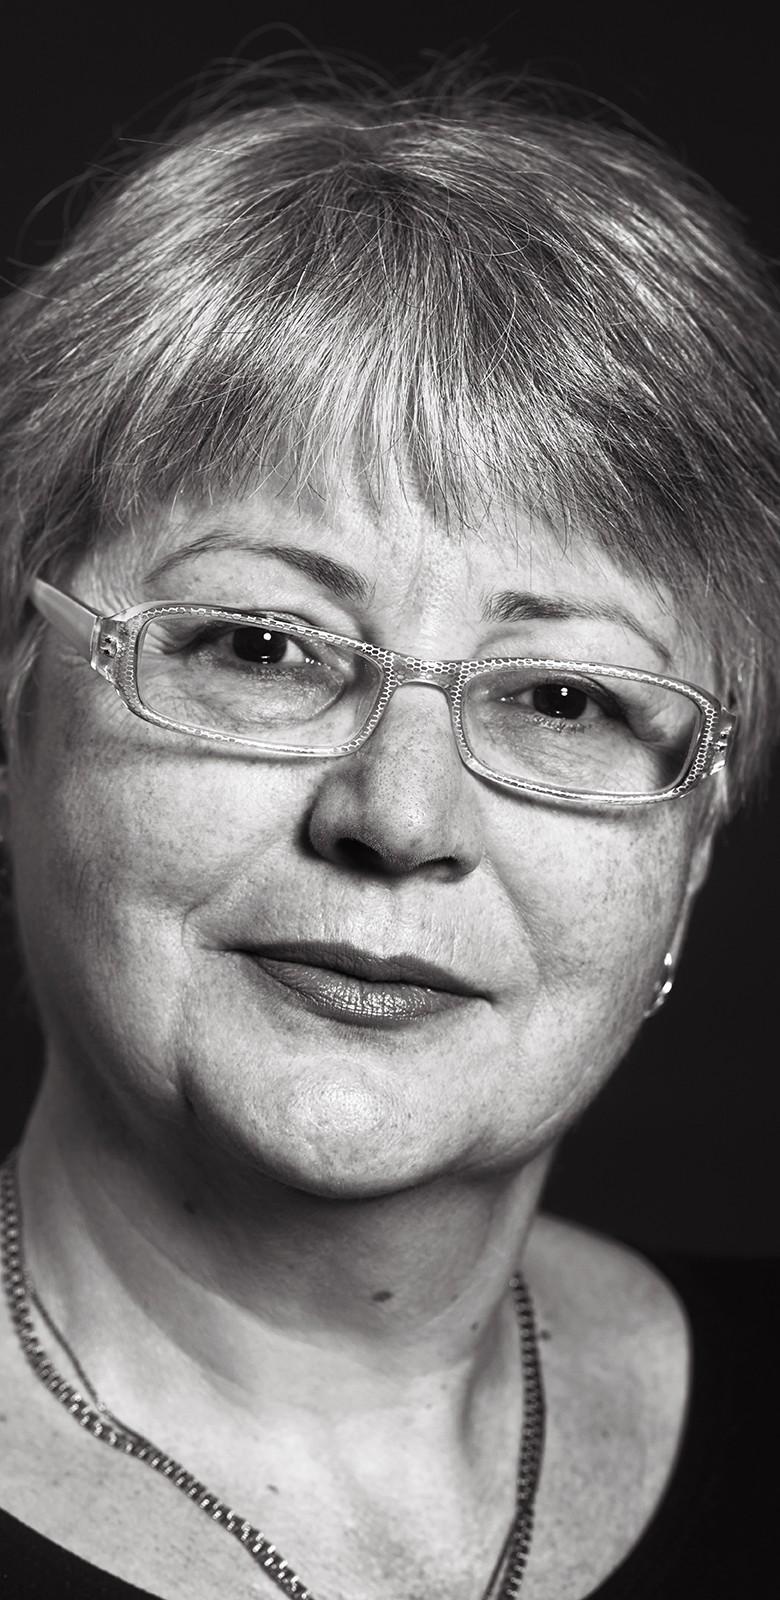 Nadezhda Kretova